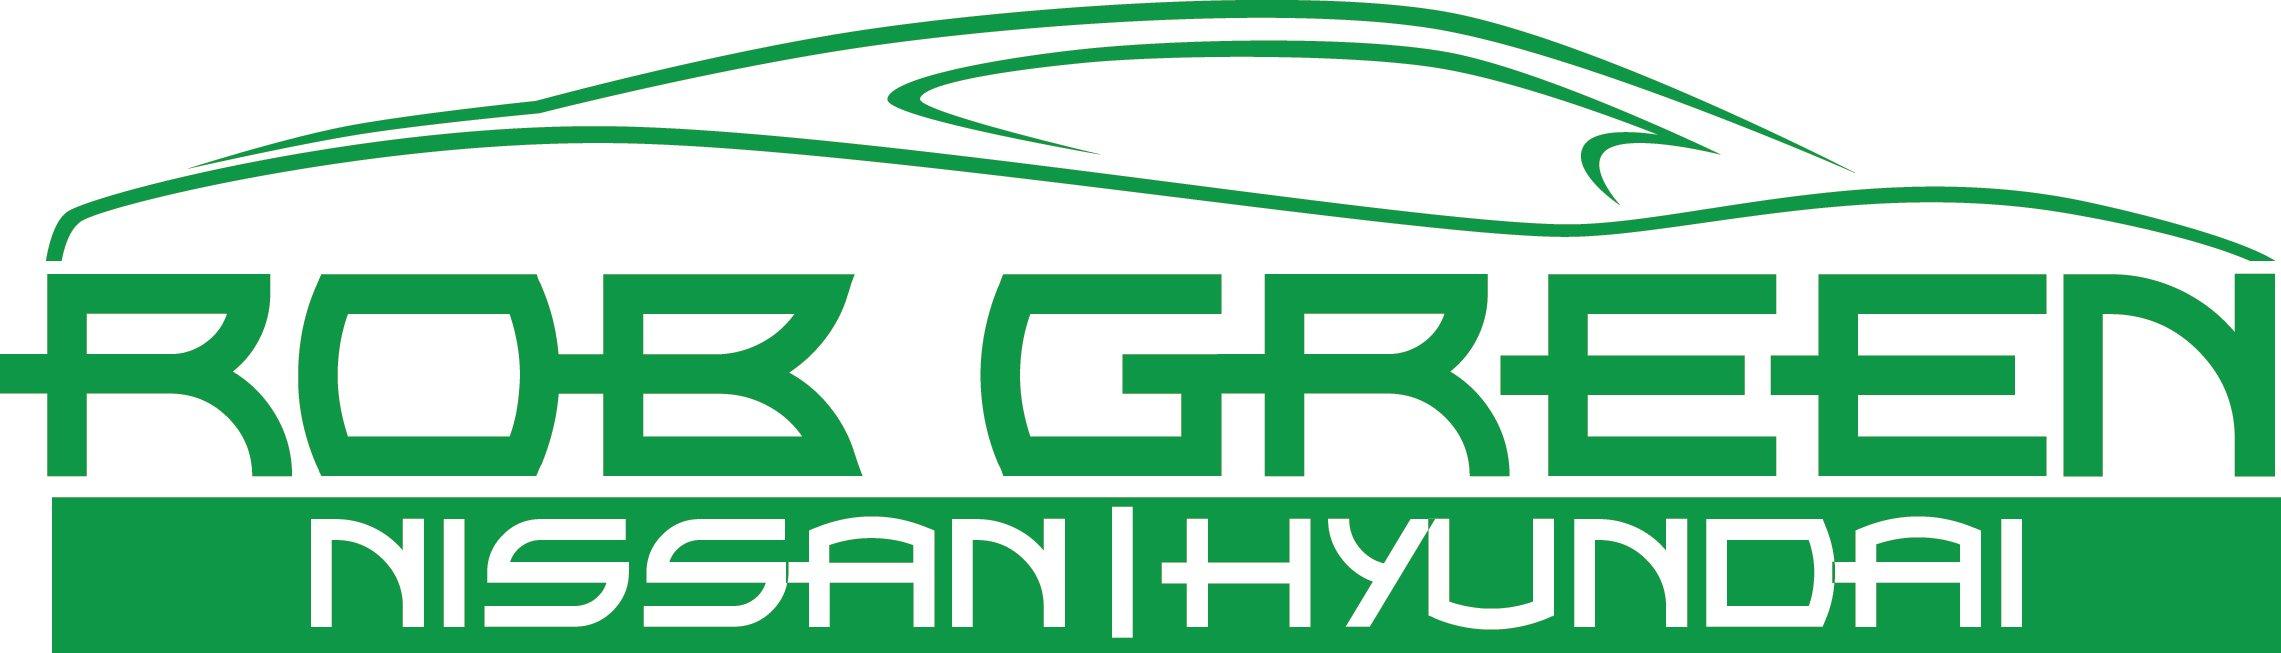 Rob Green Nissan Hyundai Twin Falls Id Magicvalley Com